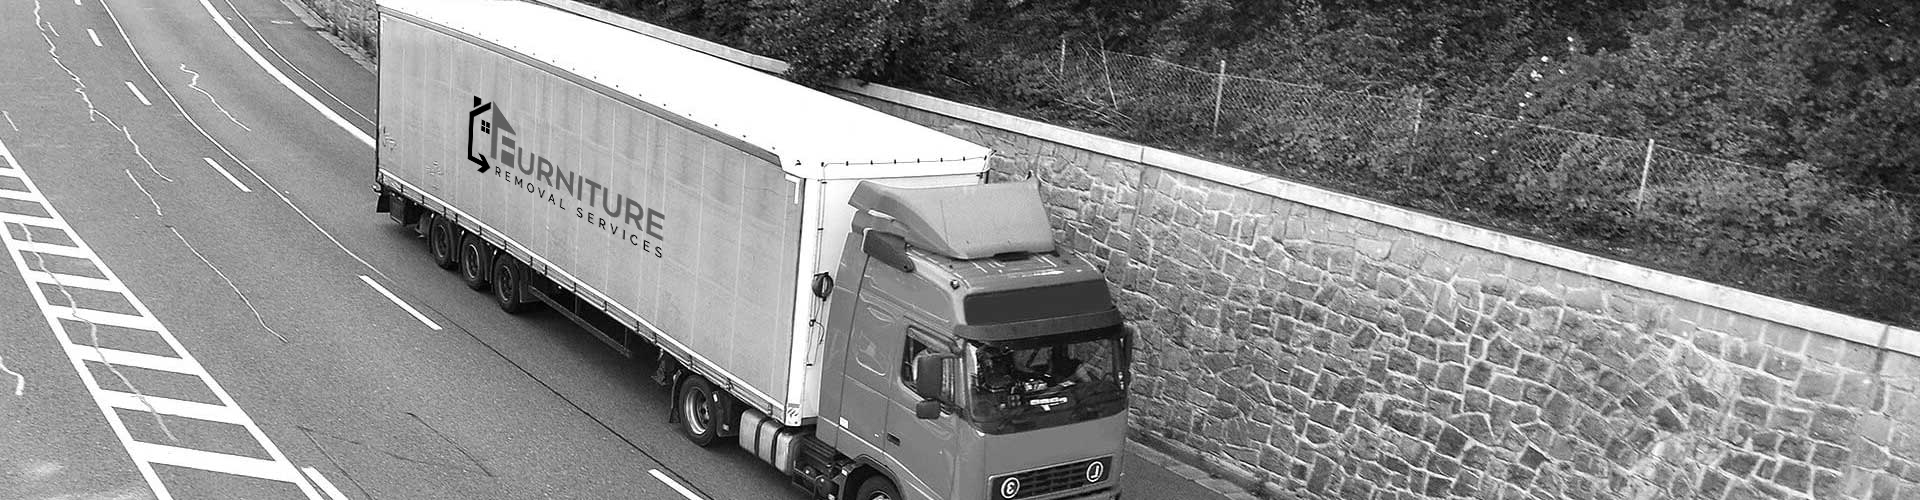 Apollo Truck